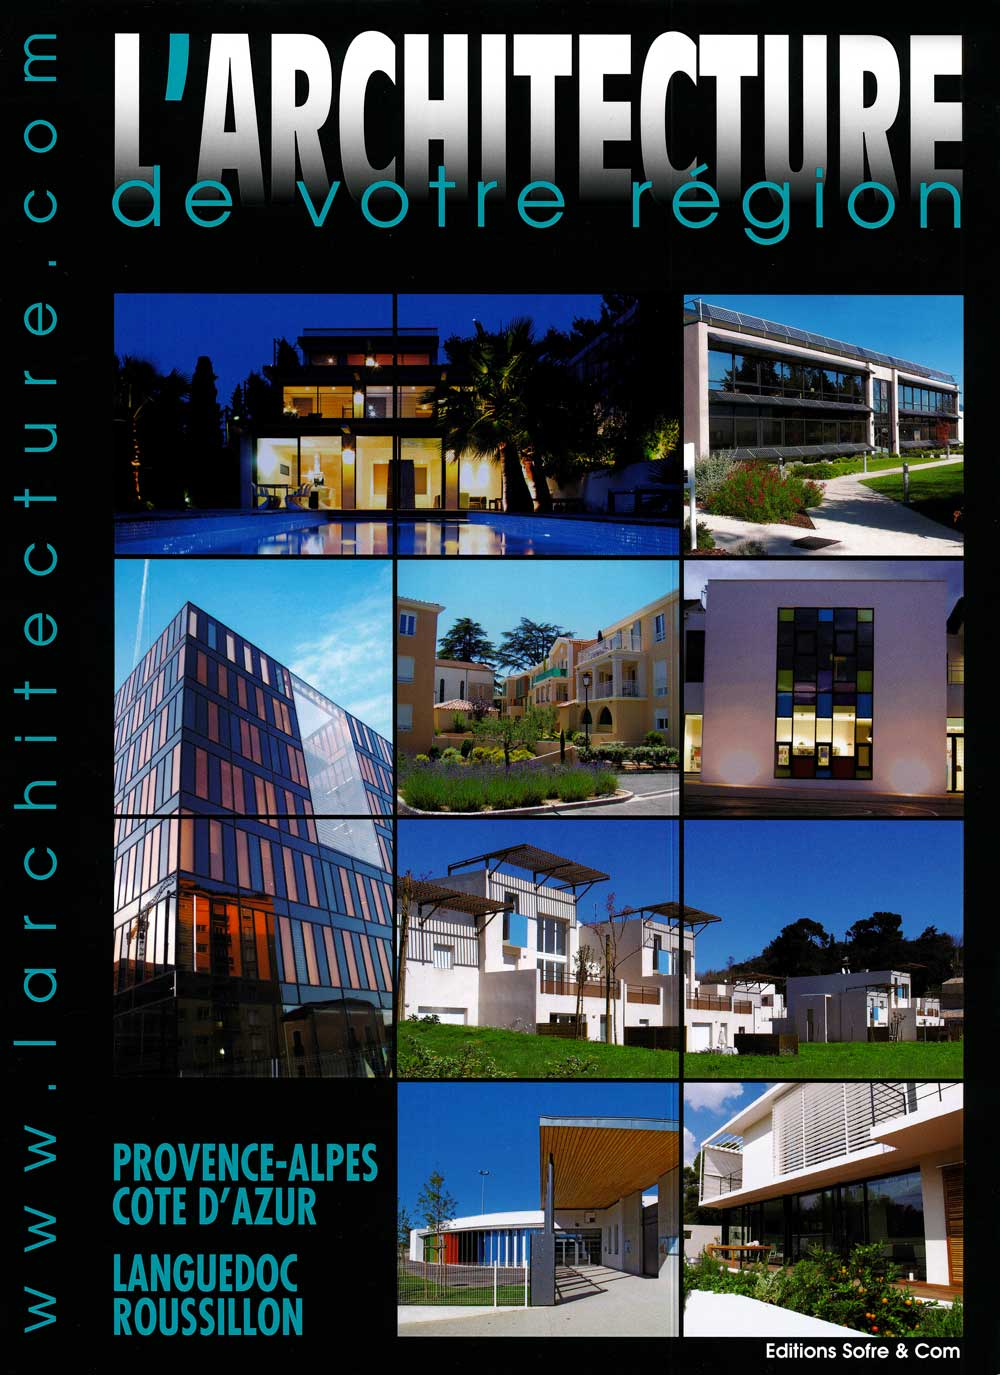 L'architecture de votre région de 2012 n°242